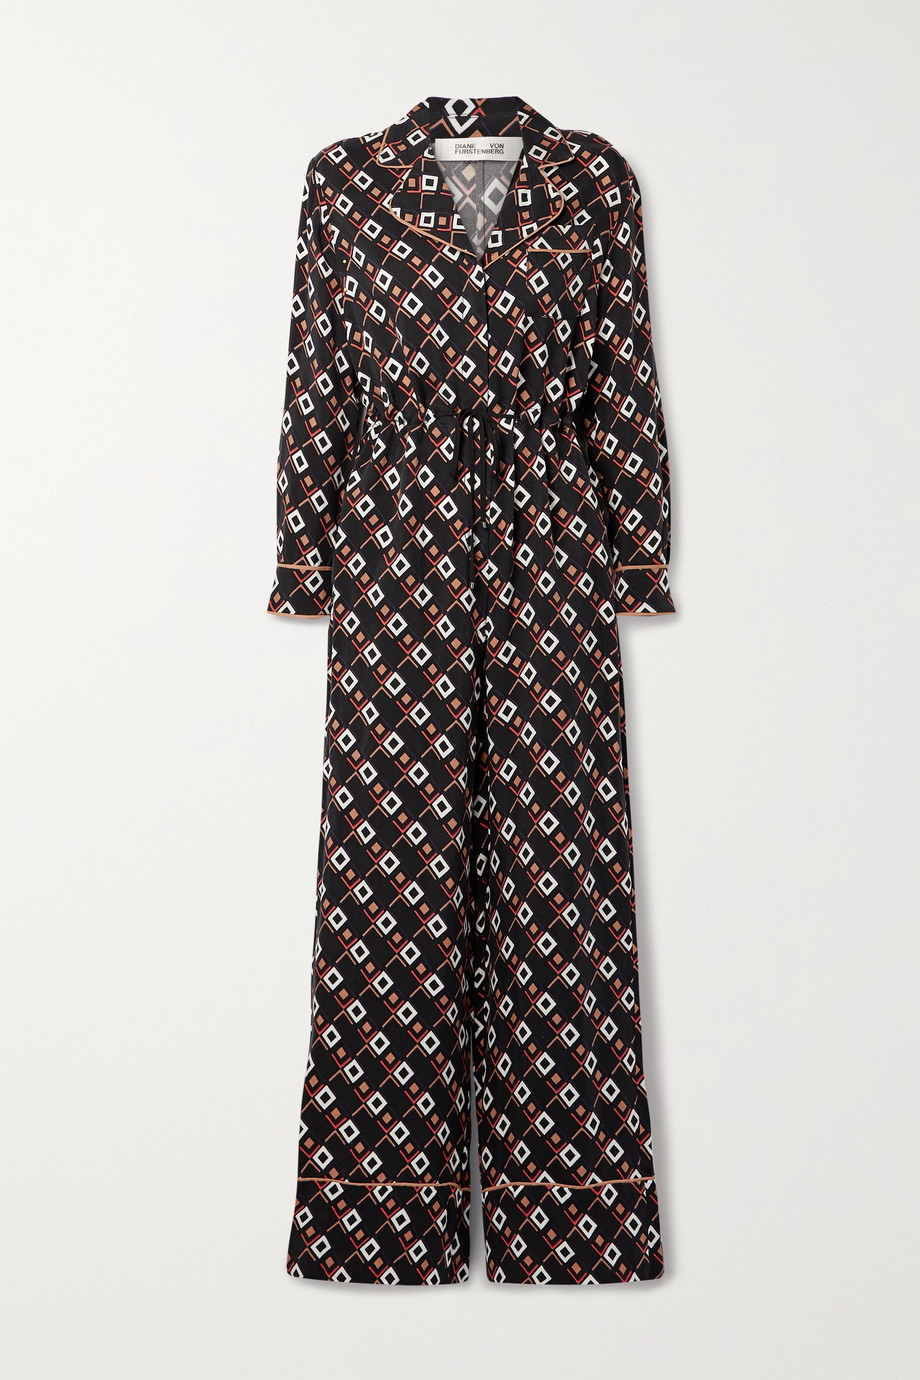 Diane von Furstenberg Cori 印花斜纹布连身裤